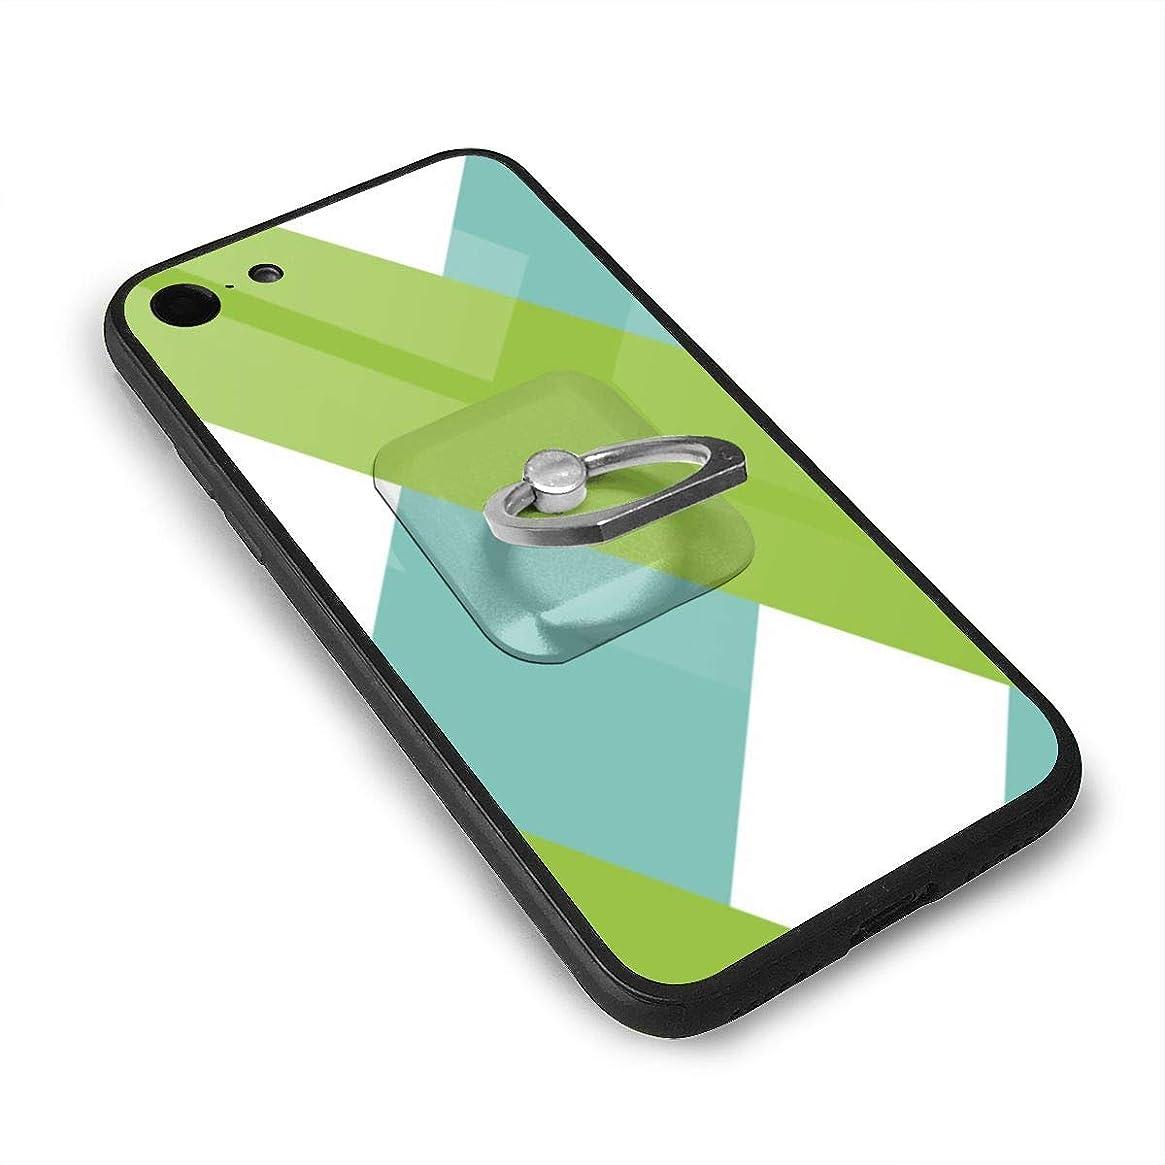 衝突するチケット砂漠JABNOQBGIAG ストレートヘアドライヤー Iphone Apple 7/8ガラス製電話ケース 角かっこ リング付き 衝撃防止リング付き 衝撃防止 電話スタンド Iphone 7/8携帯電話ケース 男女兼用